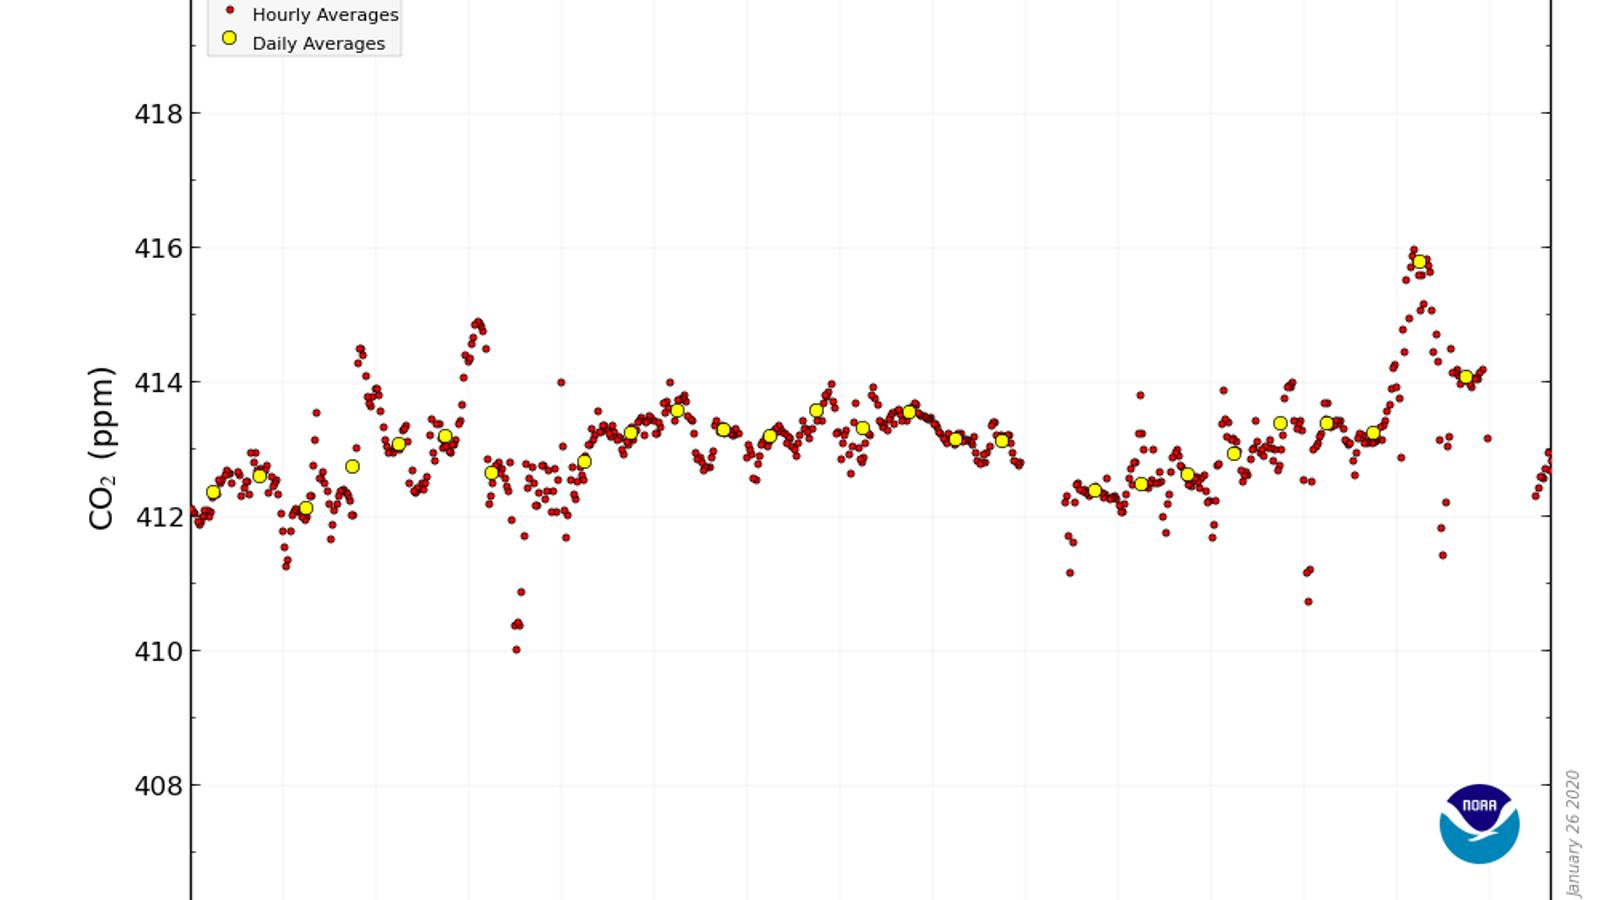 La concentració de CO₂ a l'atmosfera ha assolit un nou rècord